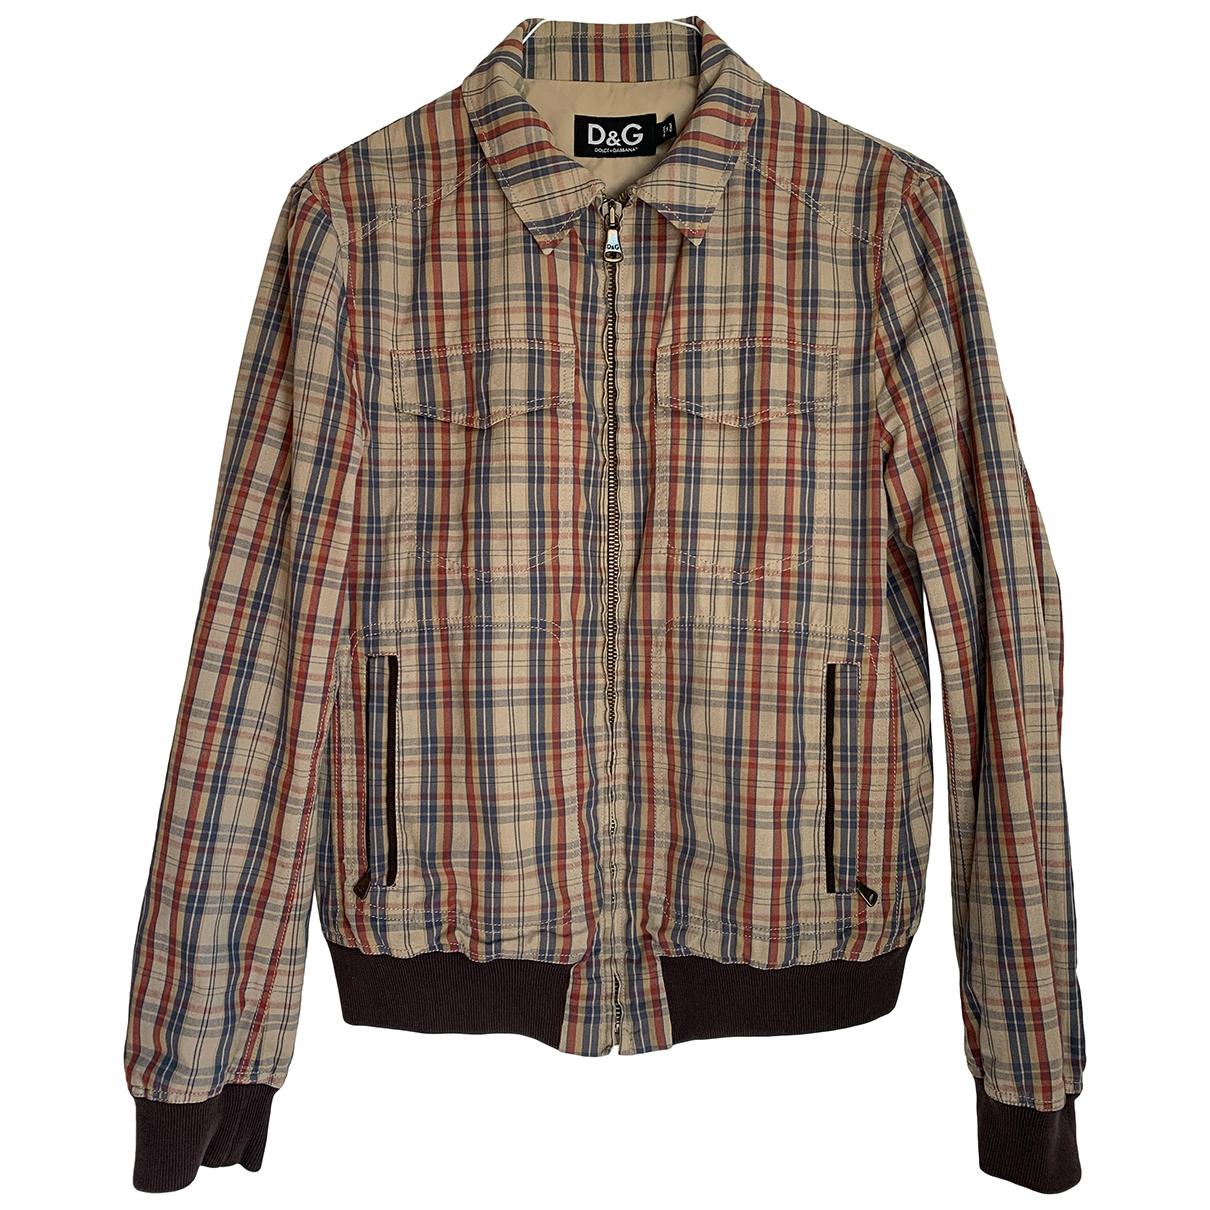 D&g - Vestes.Blousons   pour homme en coton - multicolore